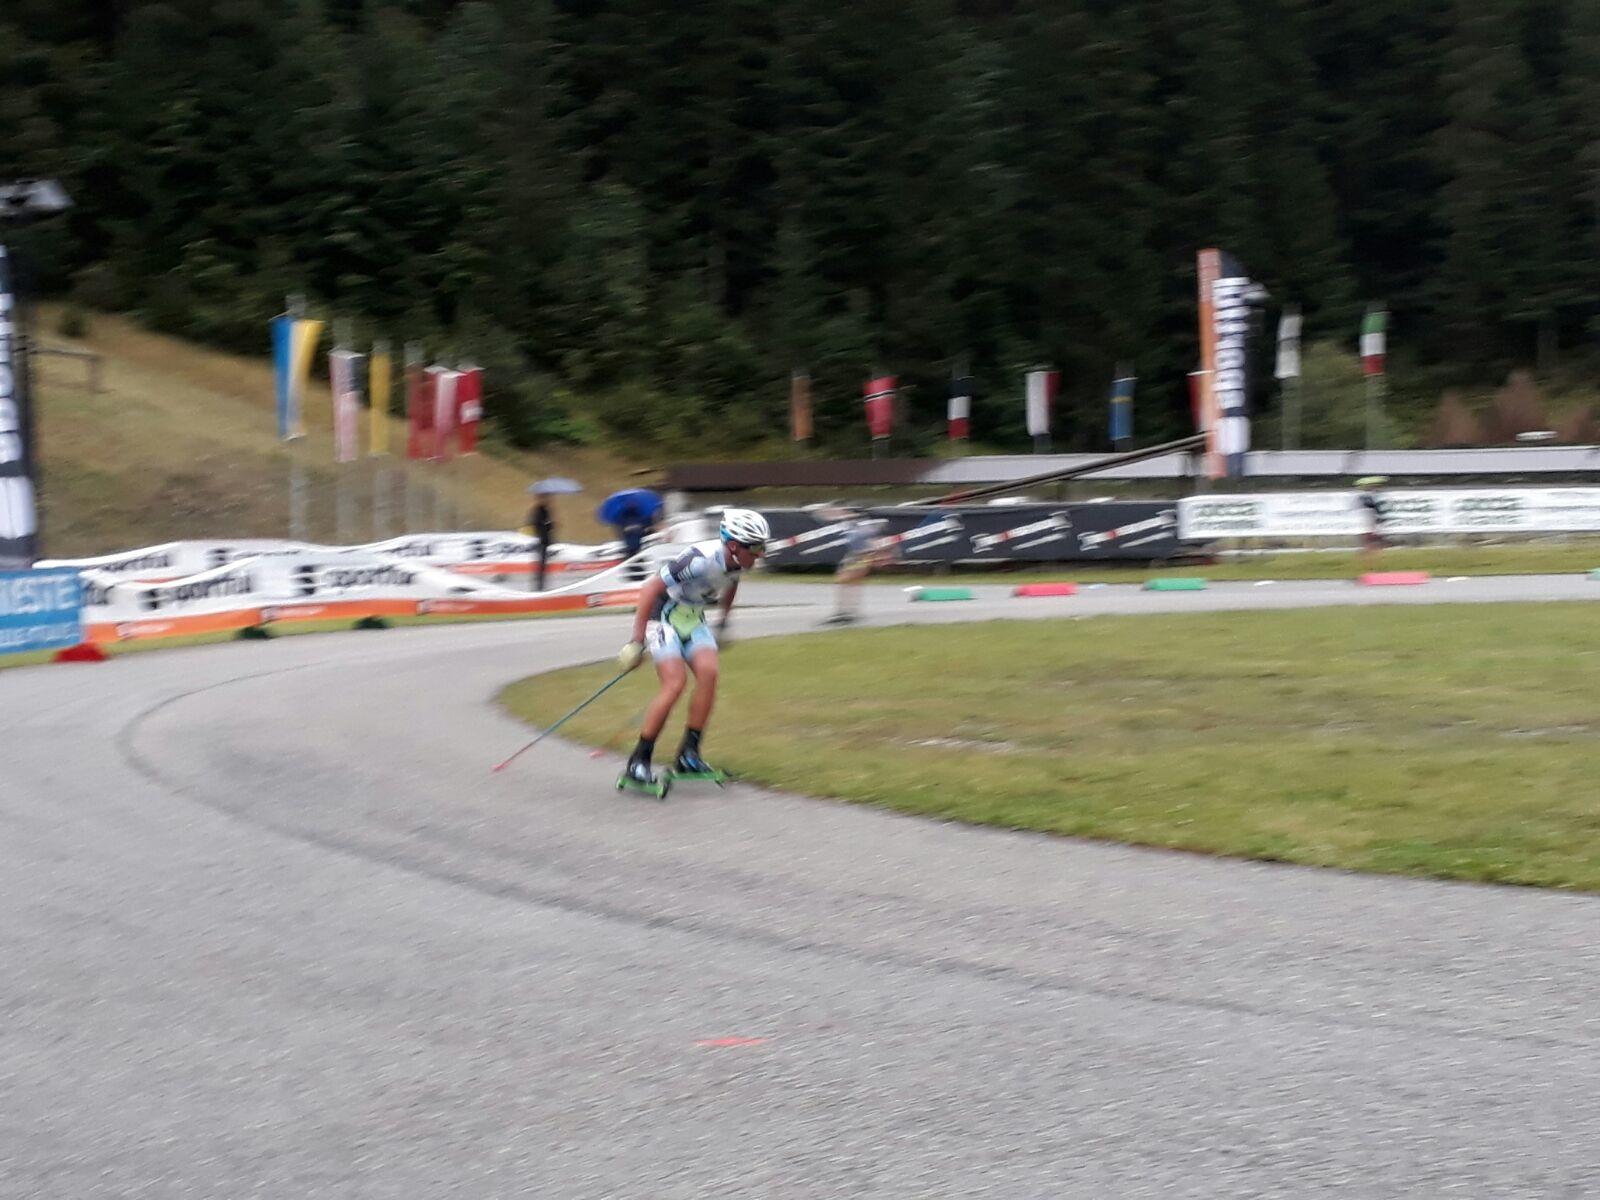 Sci nordico: brillanti performance per i ragazzi del Comitato FISI Alpi Centrali nel Summer Cross Country di ski roll. (foto gallery)